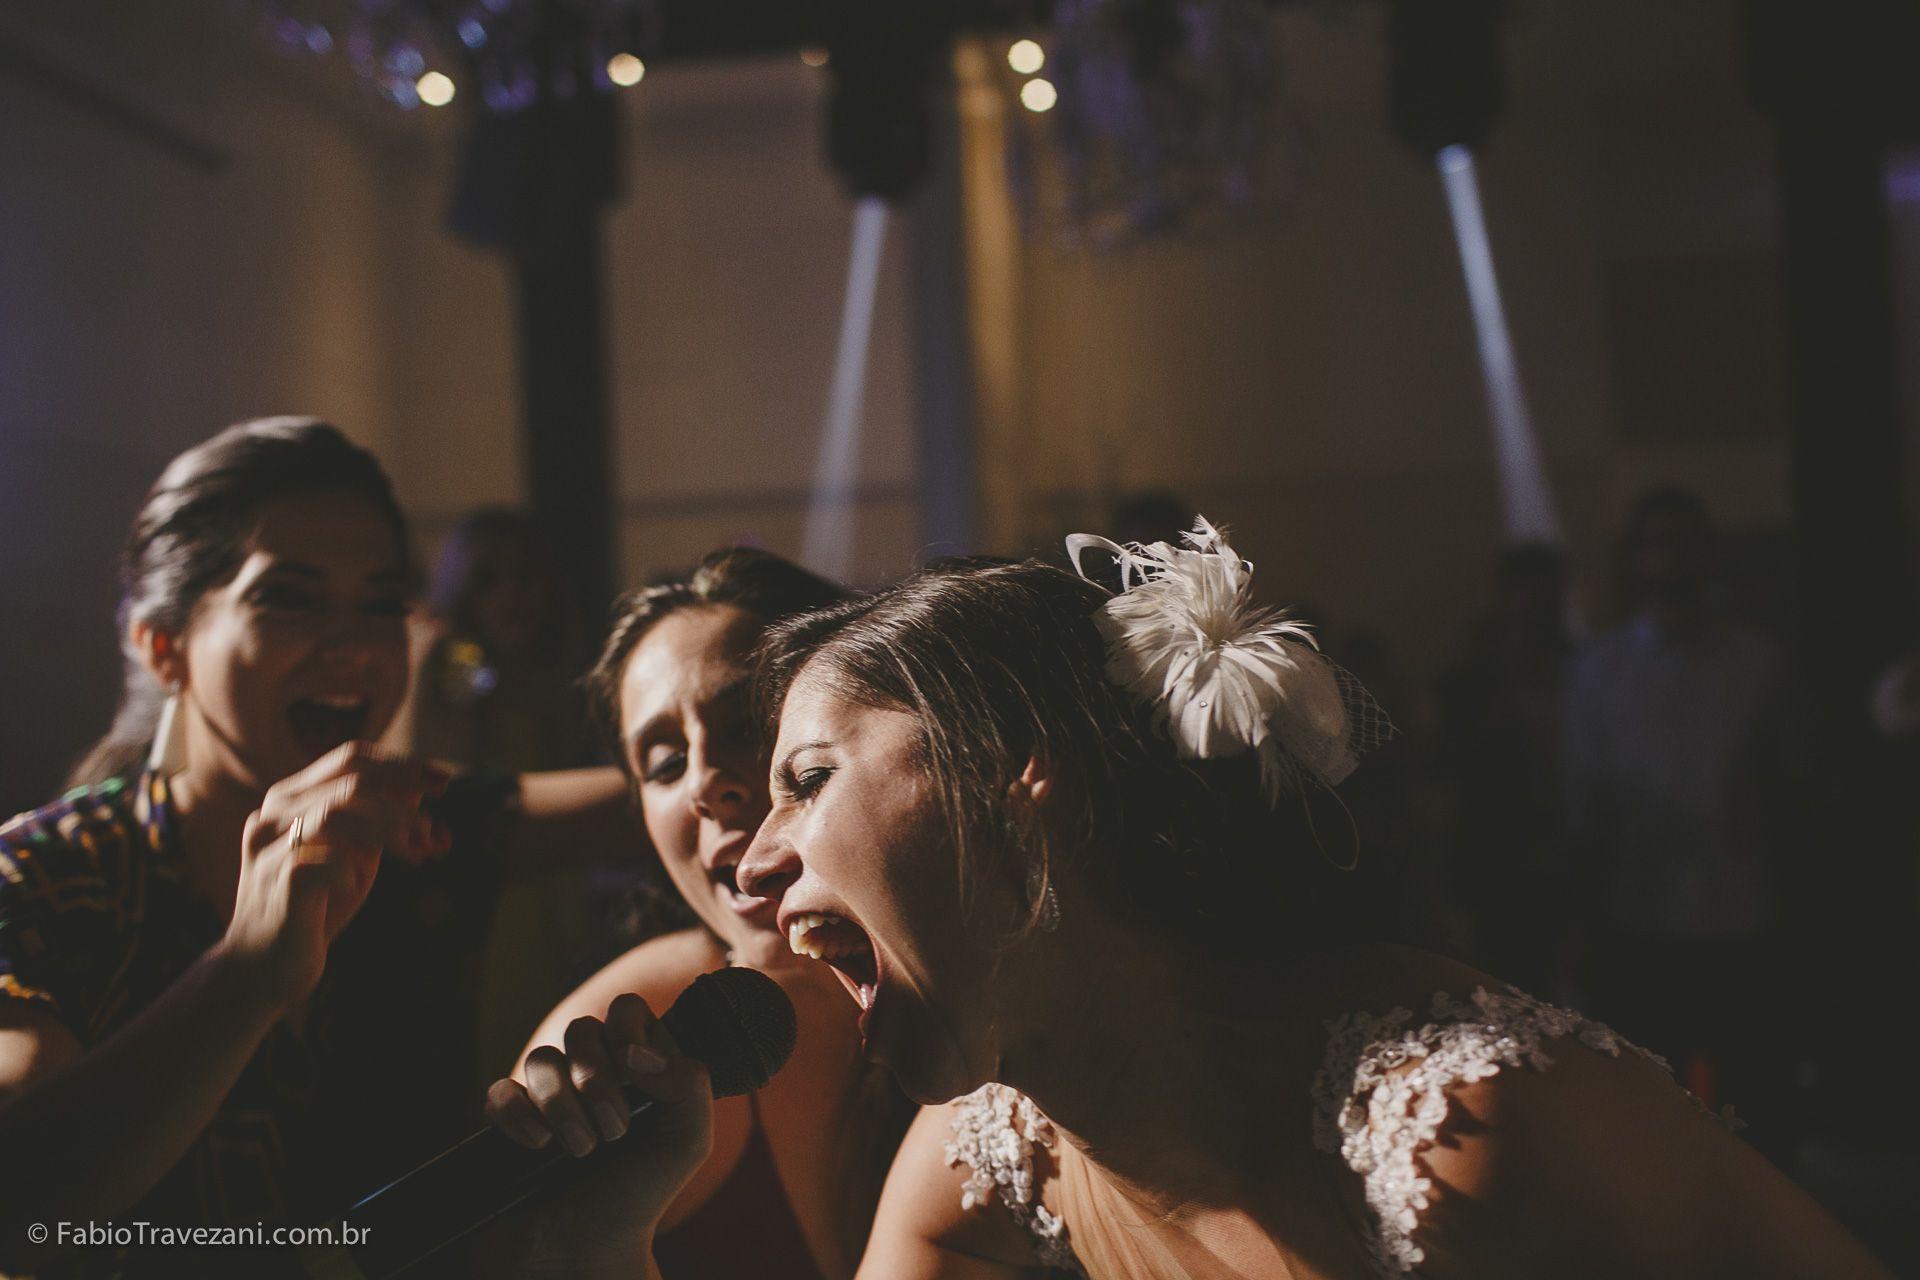 Casamentos Reais: Roberta e Leandro - Vem ver que união linda e animada, com cliques de tirar o fôlego de Fábio Travezani! Post imperdível, confiram: